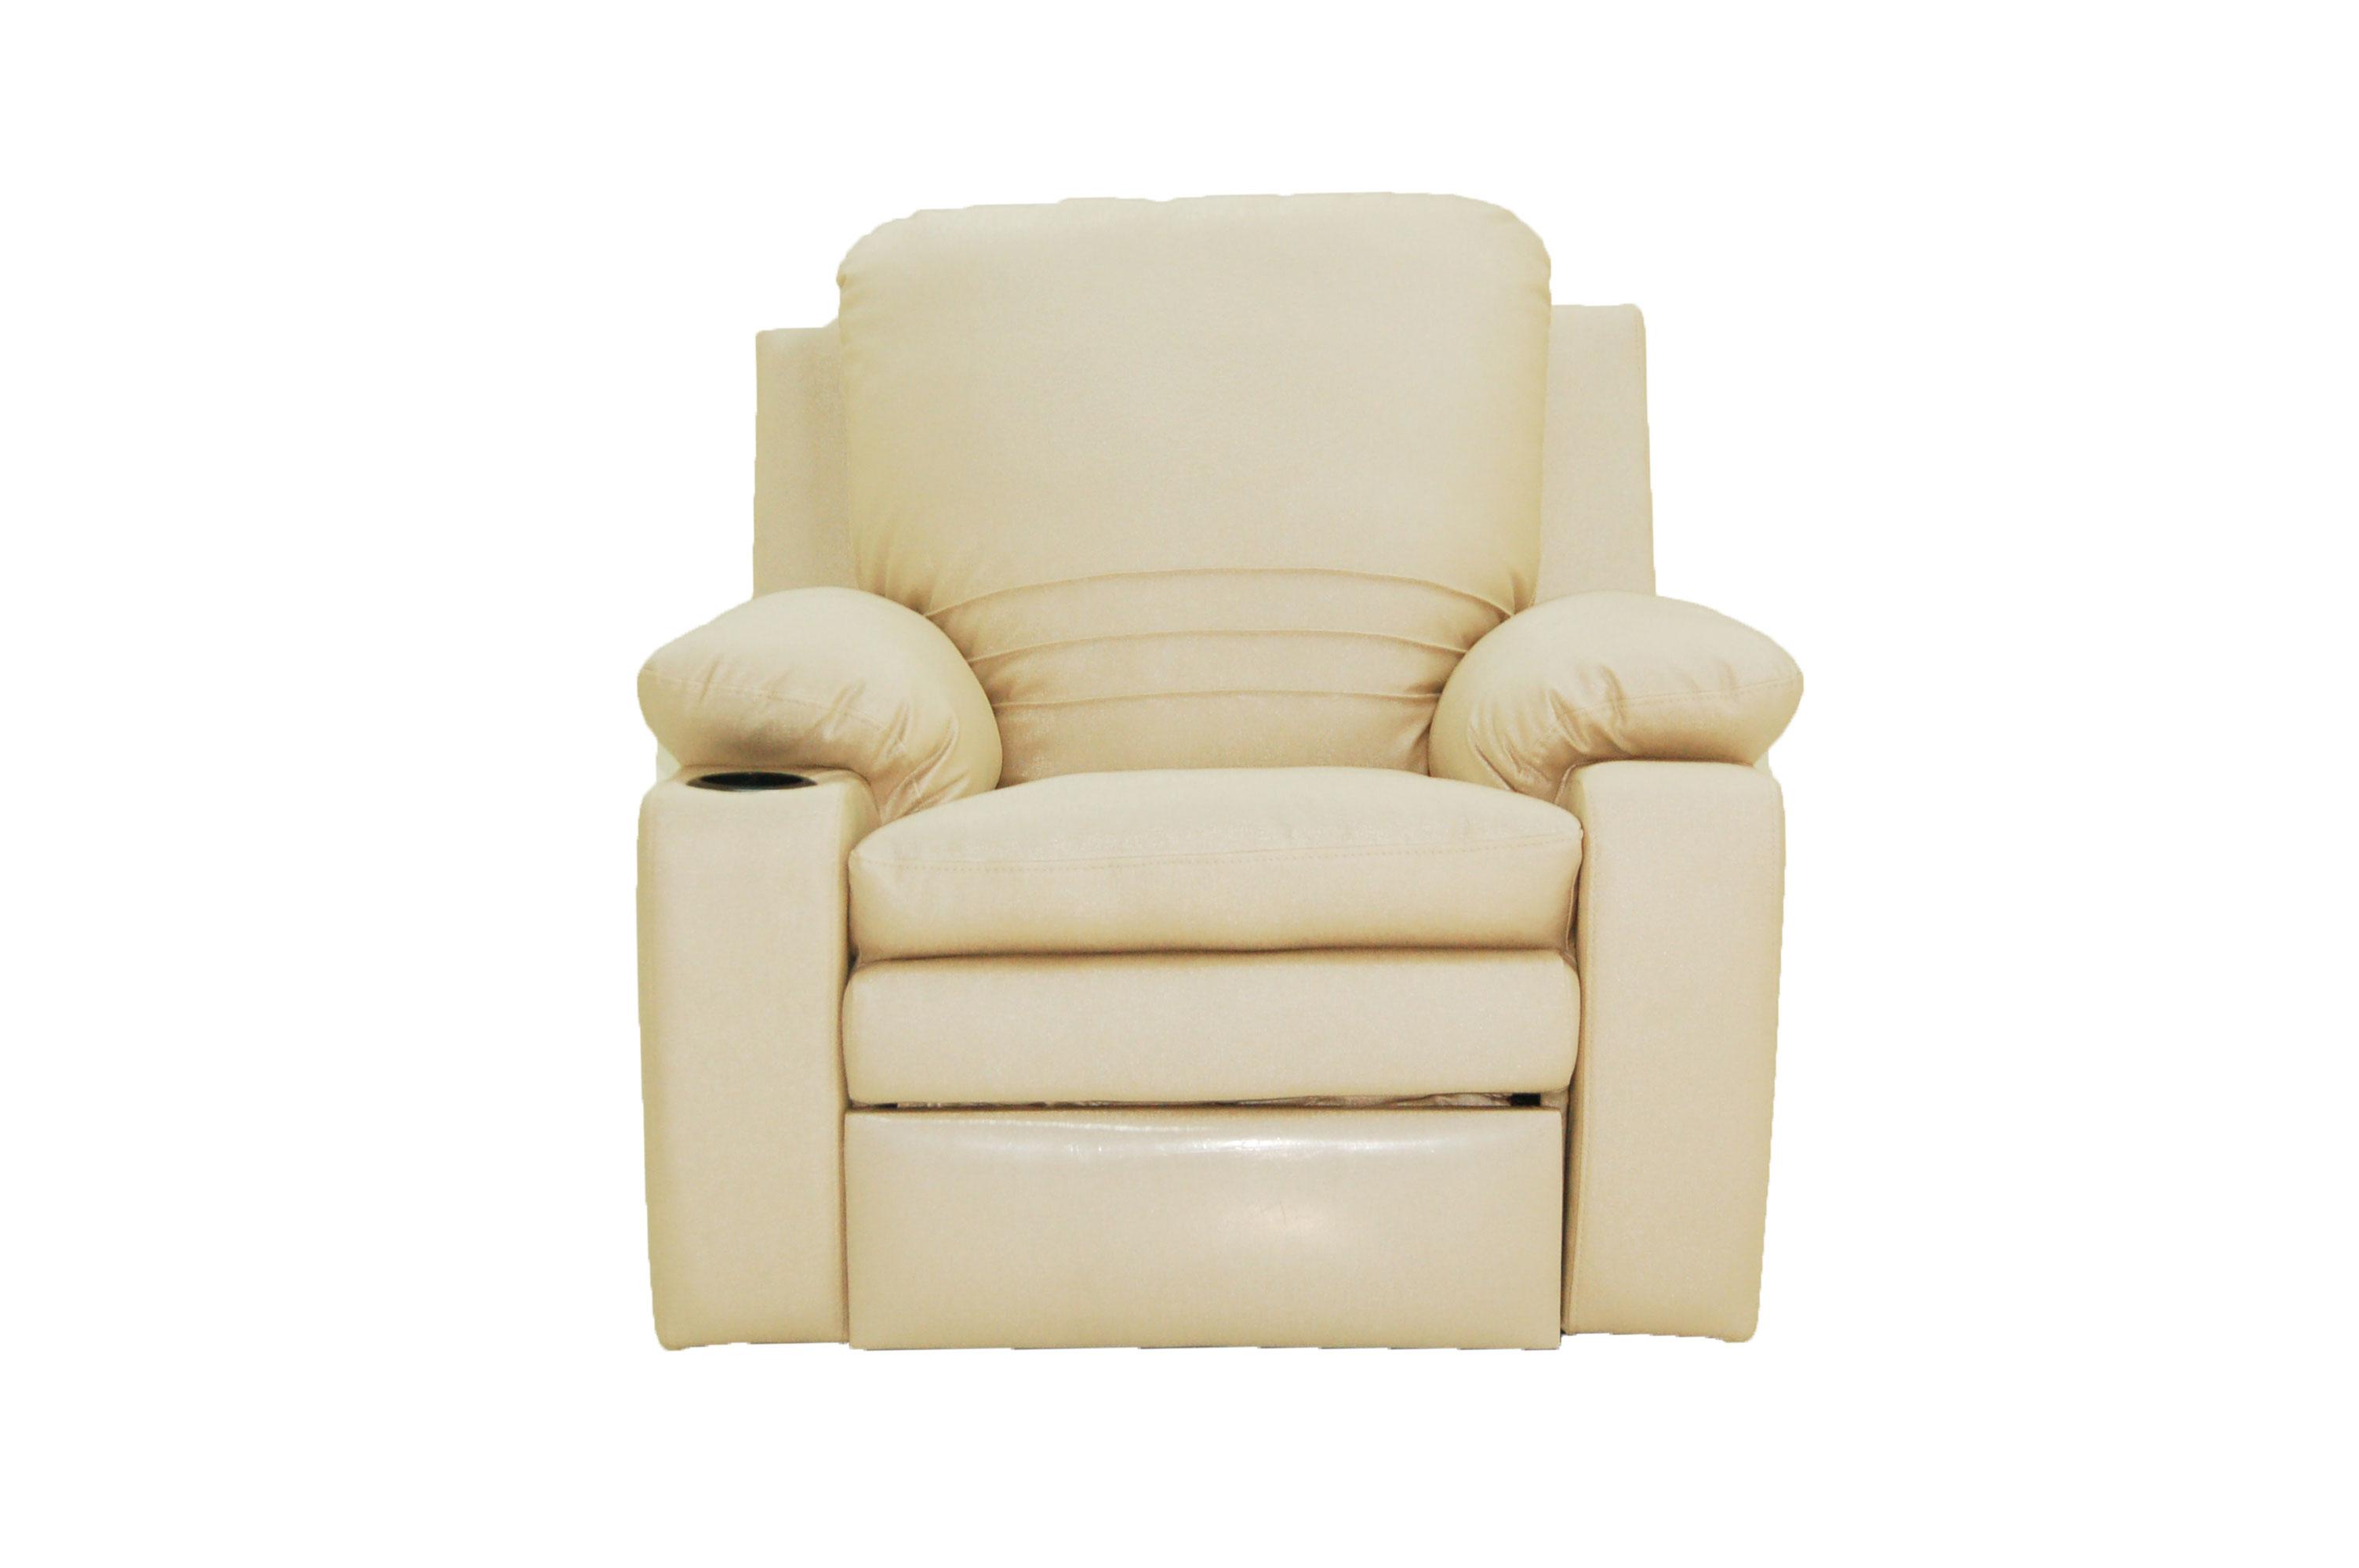 Buy Parso Grey 1 Seater Sofa Ediyin : 20160622052035576a7b8ba8acf from www.ediy.in size 3008 x 2000 jpeg 208kB